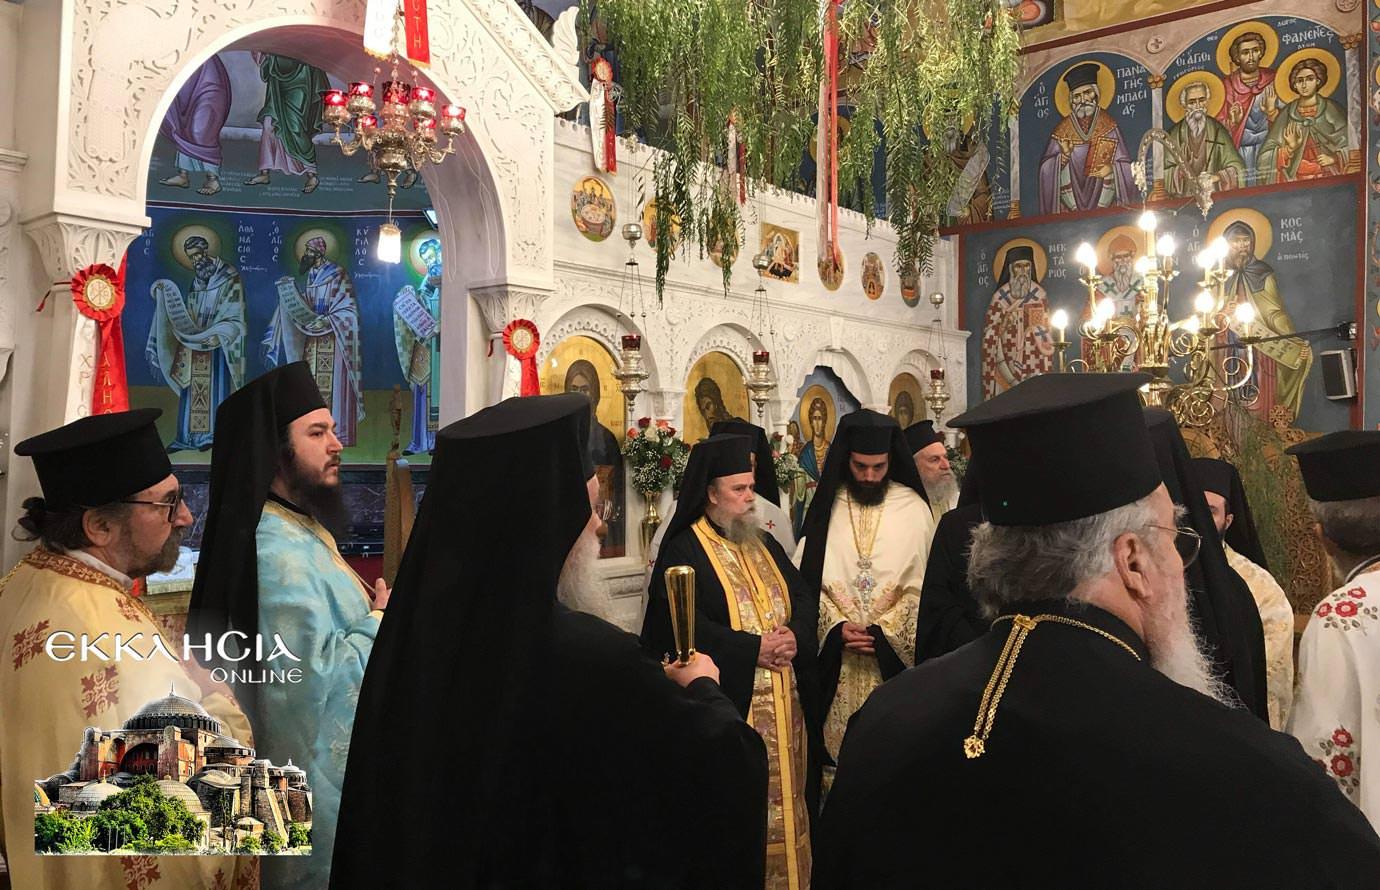 αγία ματρώνα ιερά λείψανα ιερός ναός νέα ερυθραία 2019